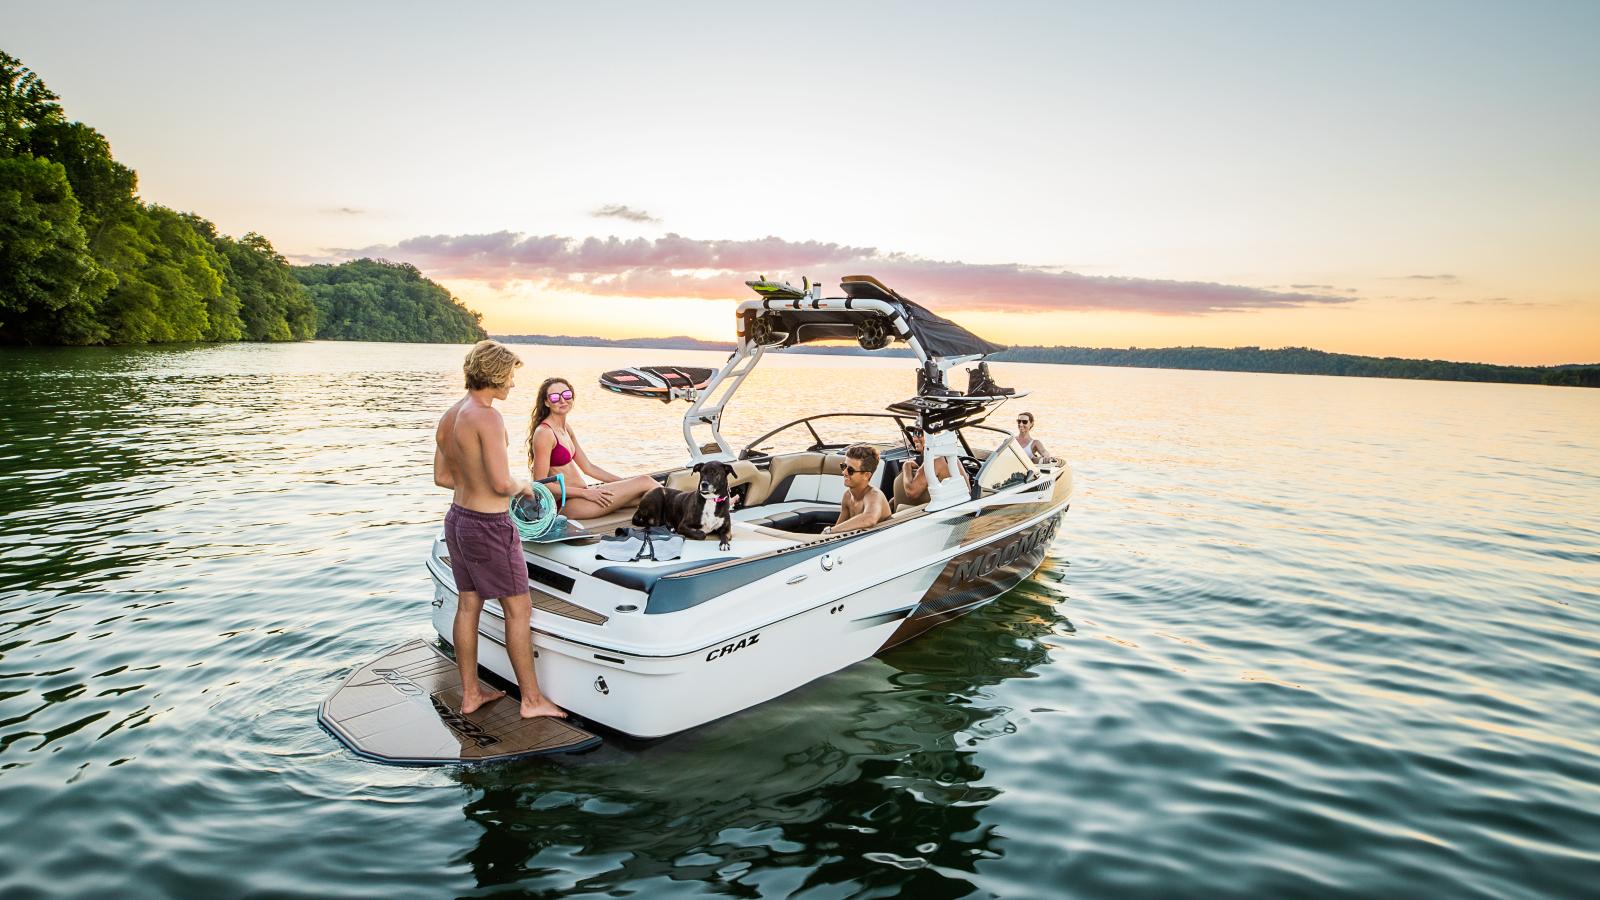 Lake Lifestyle on the 2022 Moomba Craz Wake Boat